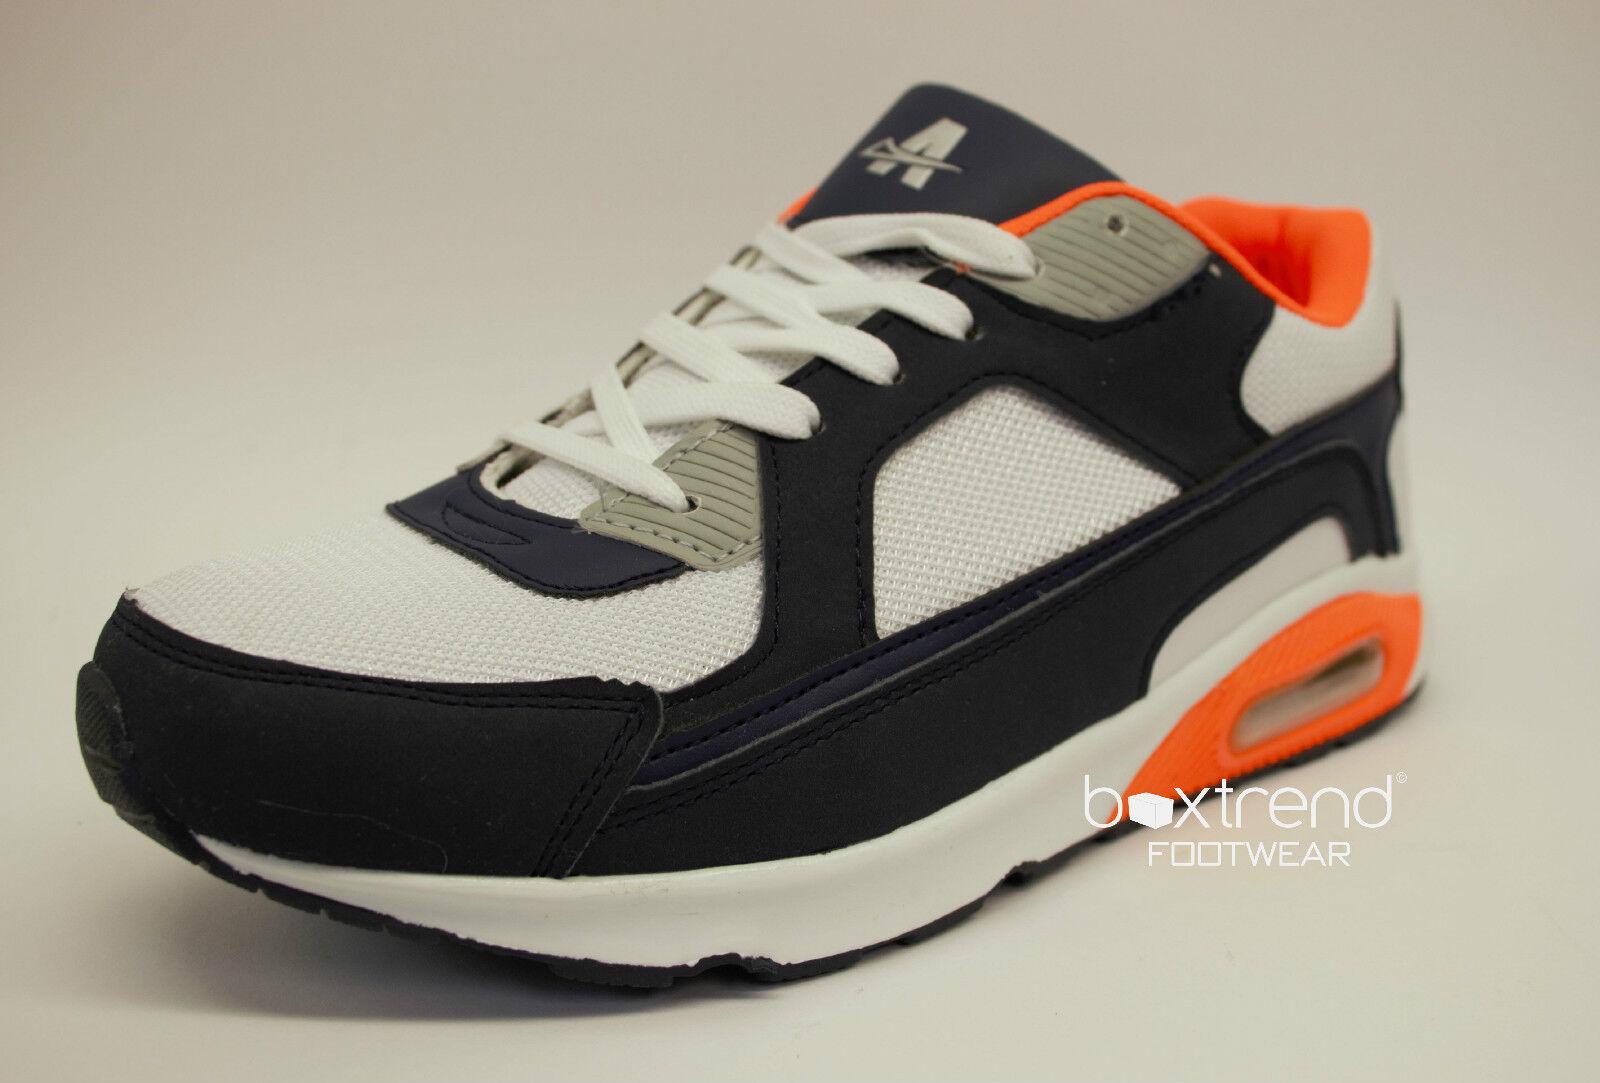 Nouveau running Homme Baskets casual running Nouveau gym marche sport chaussures de mode dentelle tailles b045d5